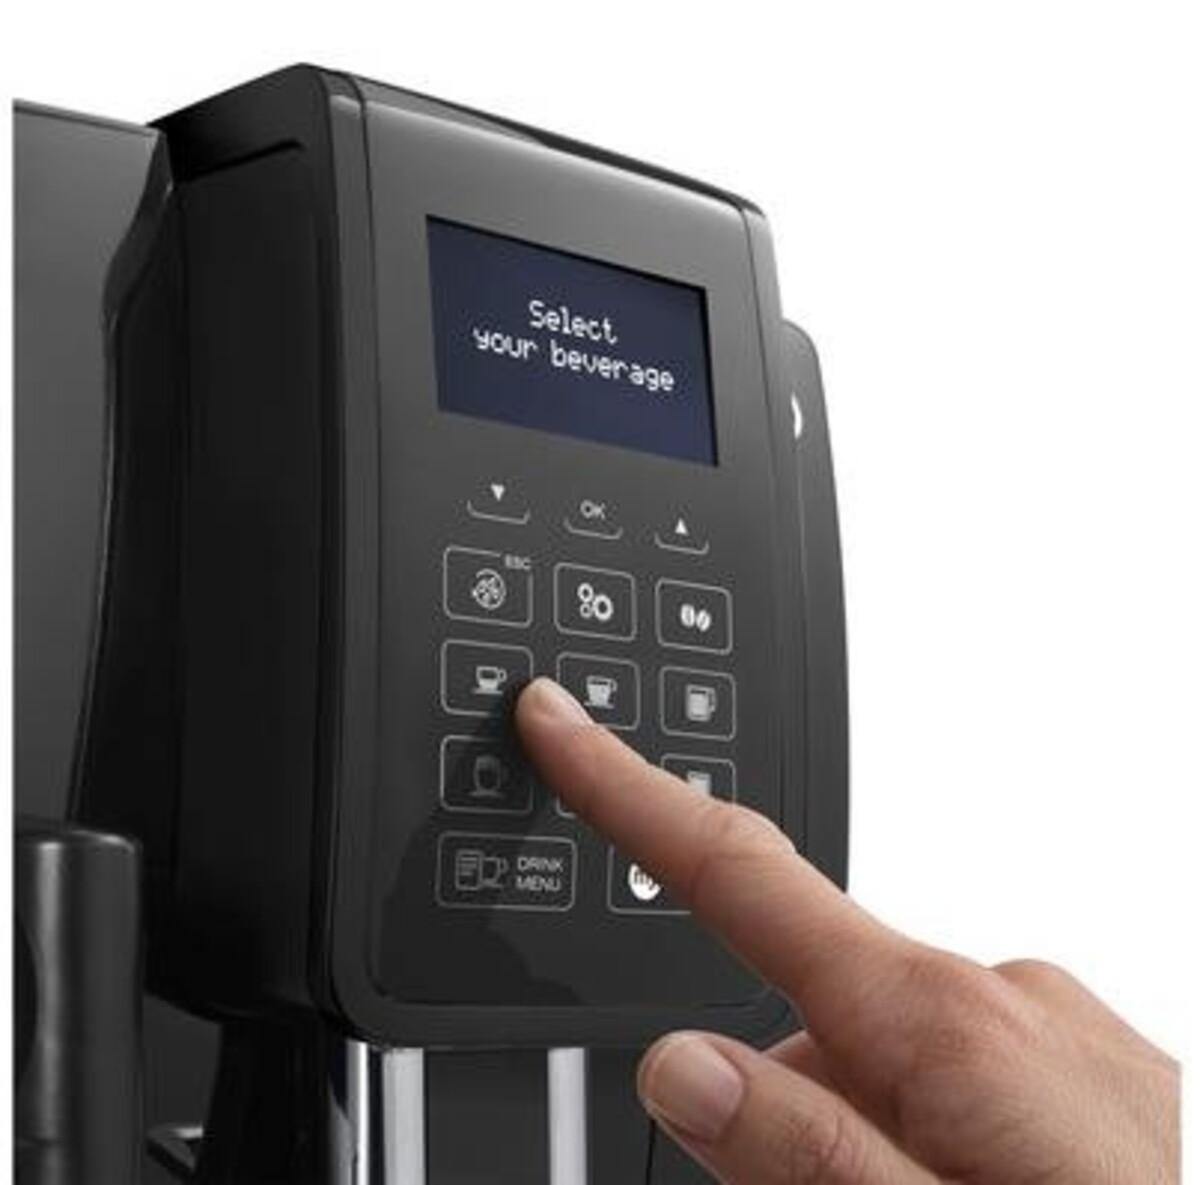 Bild 3 von Delonghi Kaffeevollautomat Ecam 35375 |  B-Ware - der Artikel ist neu - Verpackung beschädigt